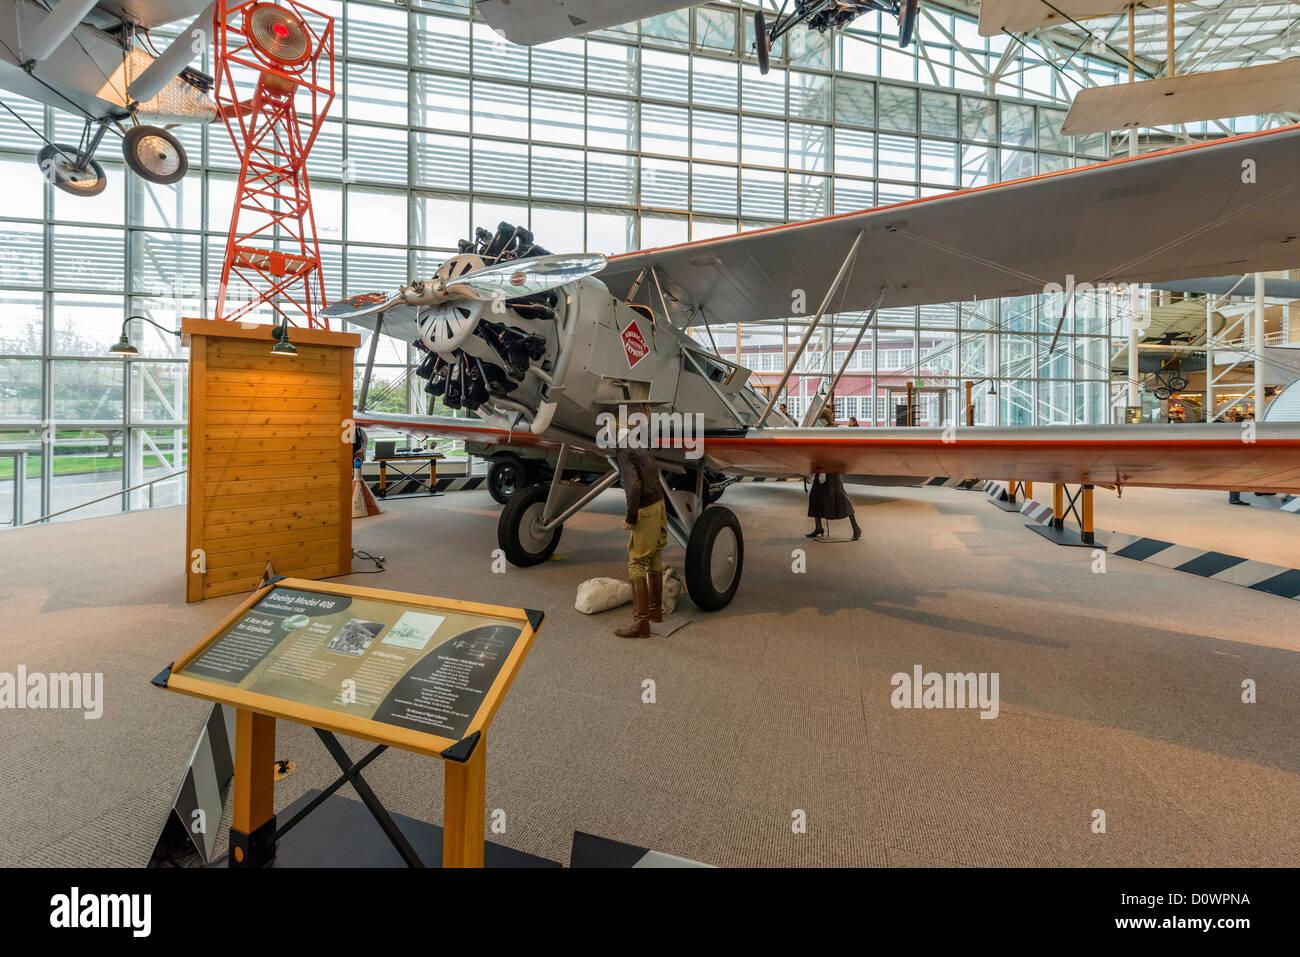 Une réplique 1928 Boeing Model 40B Plan de par avion, le Musée de l'aviation, Seattle, Washington, Photo Stock